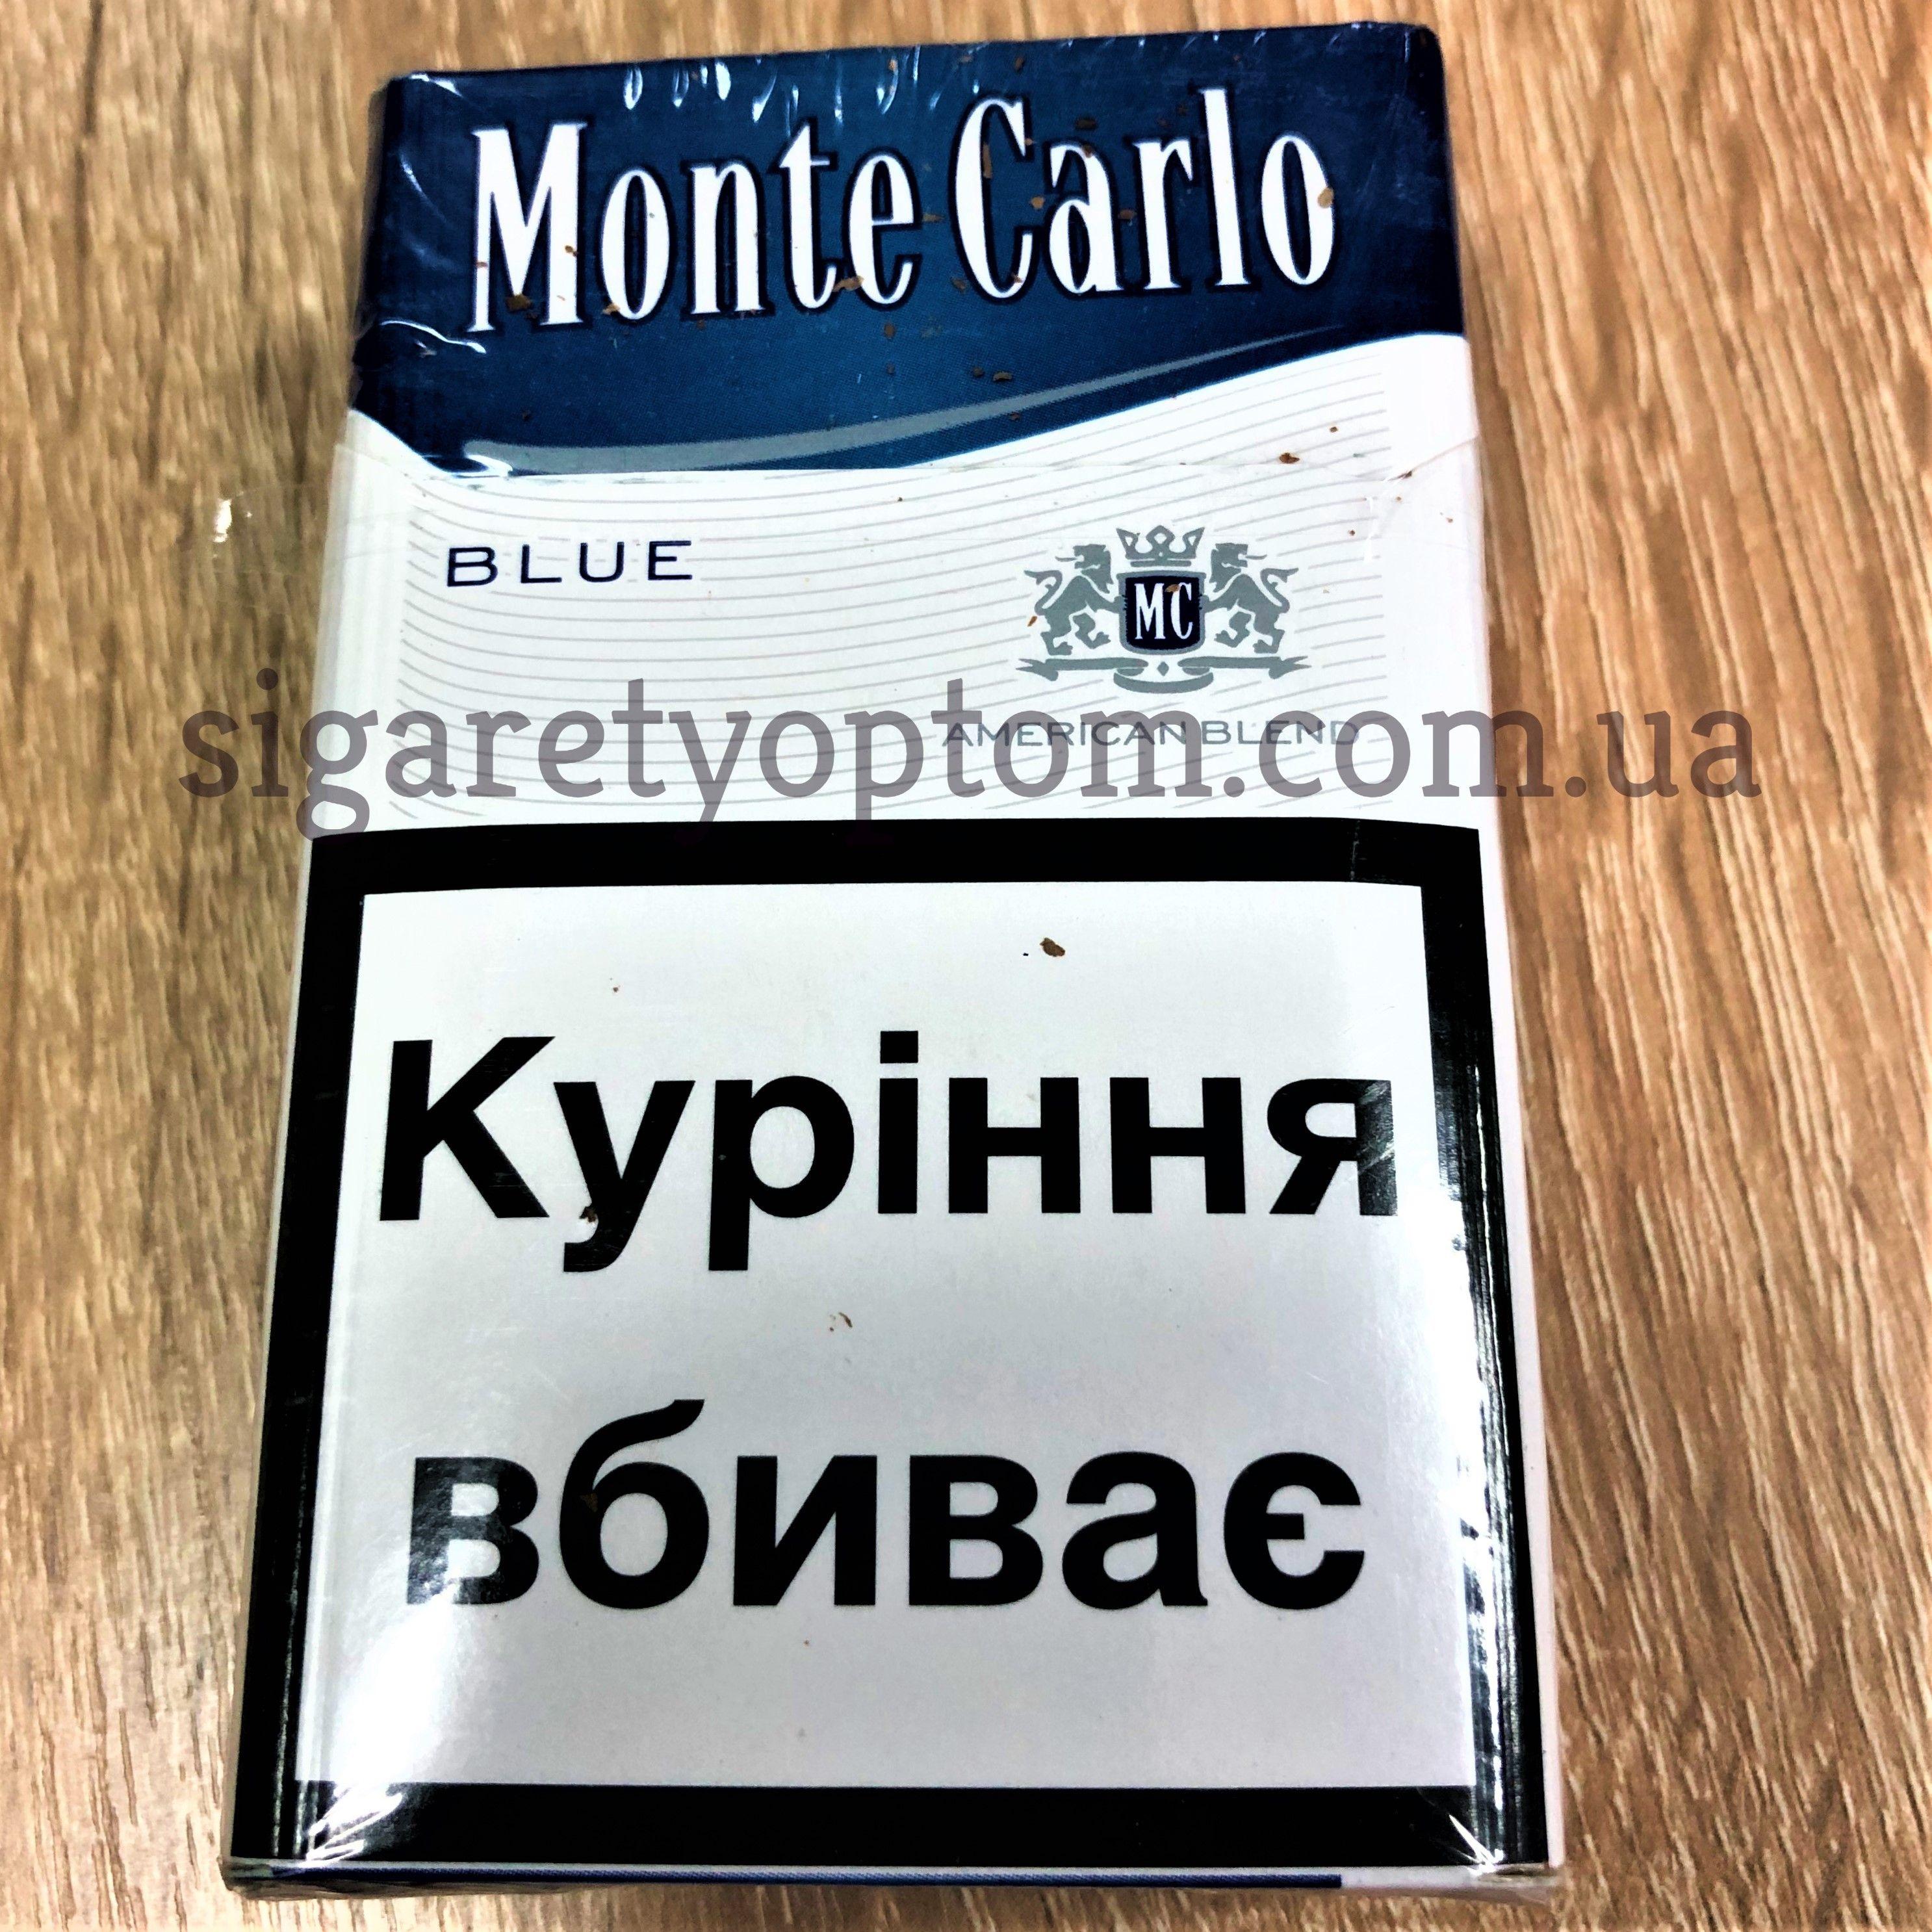 купить сигареты оптом с доставкой на дом